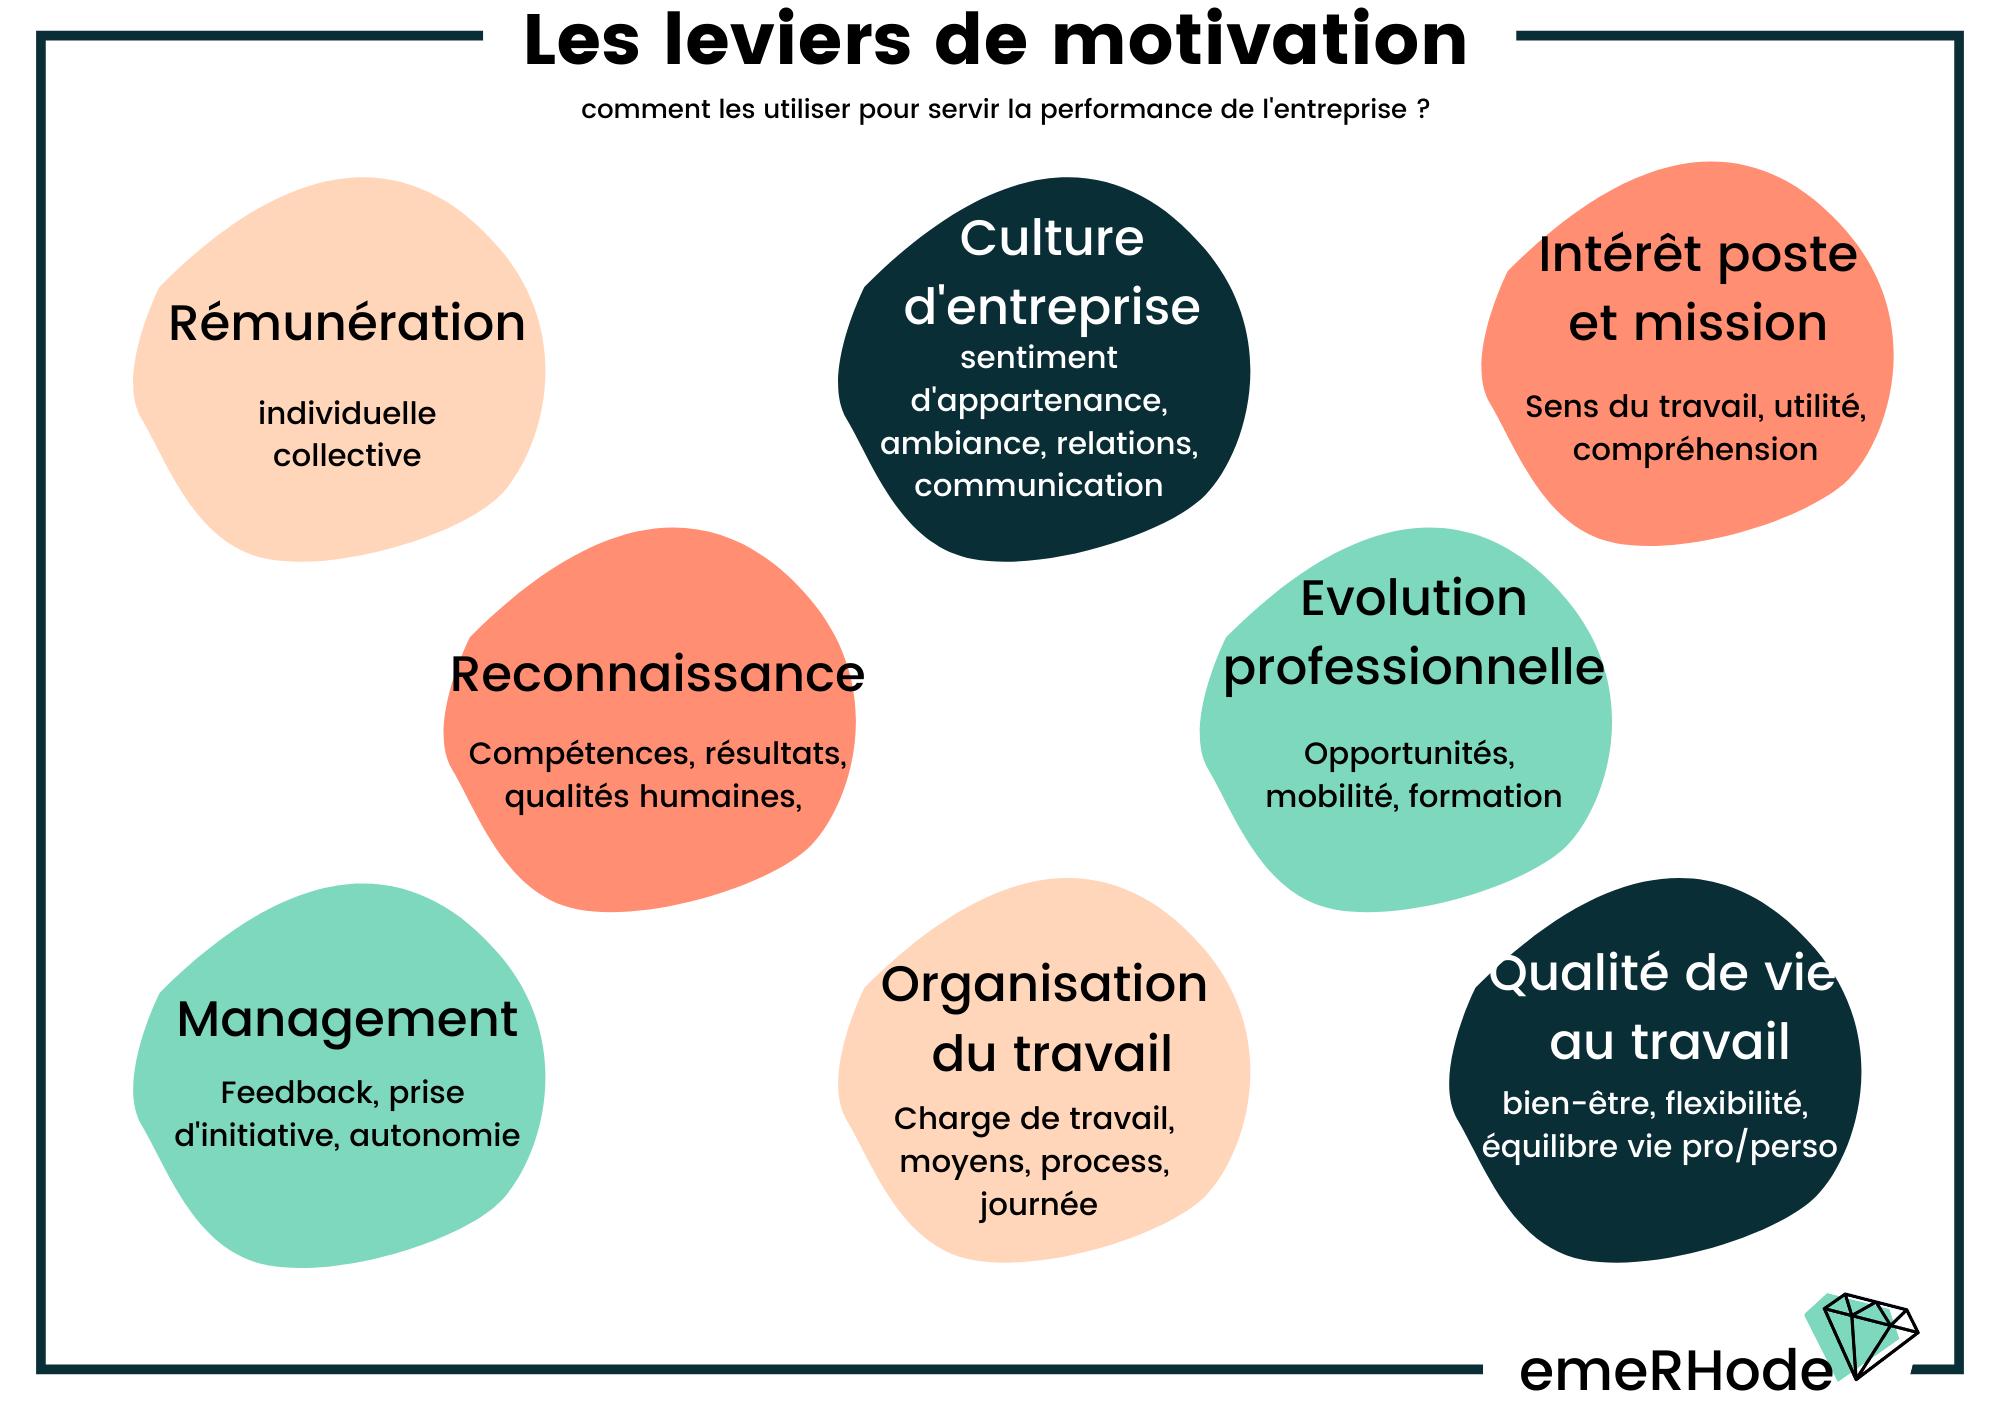 Leviers de motivation